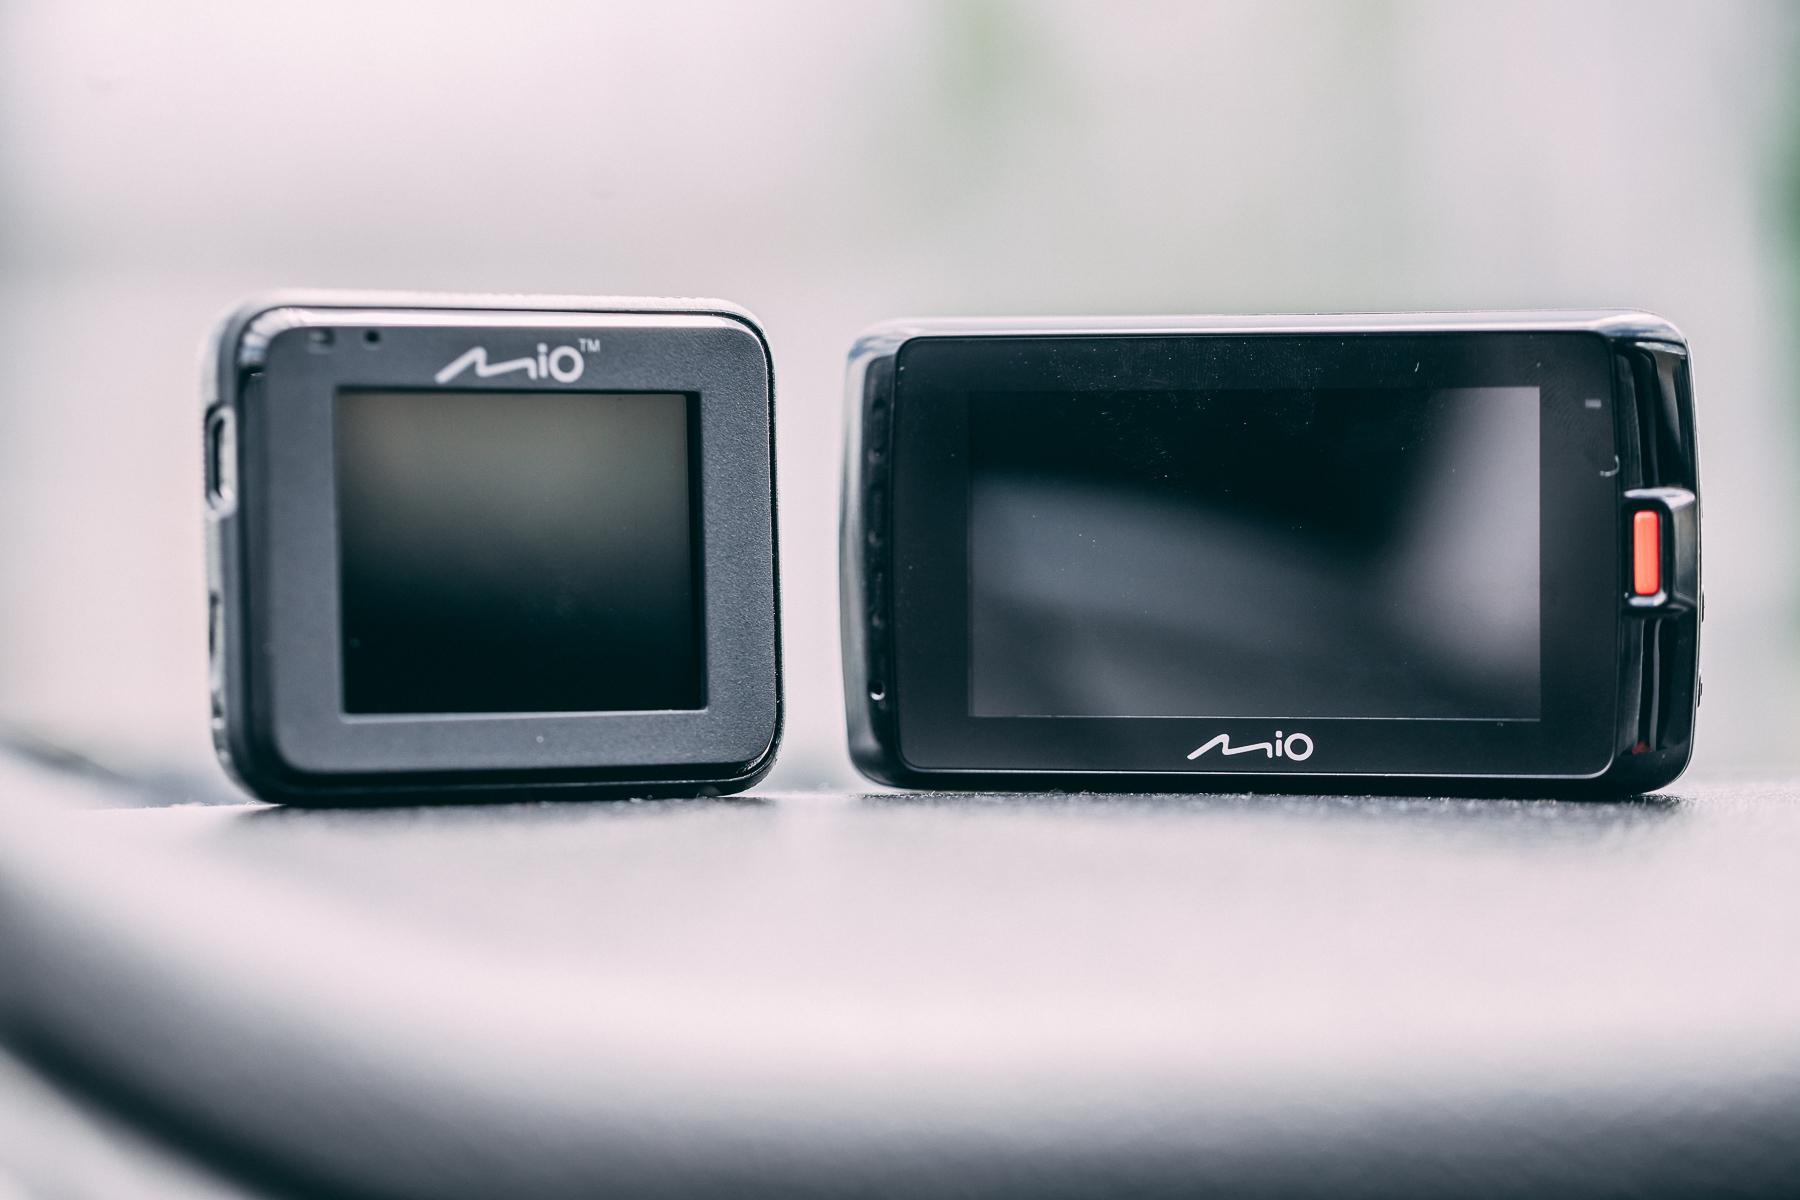 Jaki wideorejestrator Mio C320 892 WIFI Pro